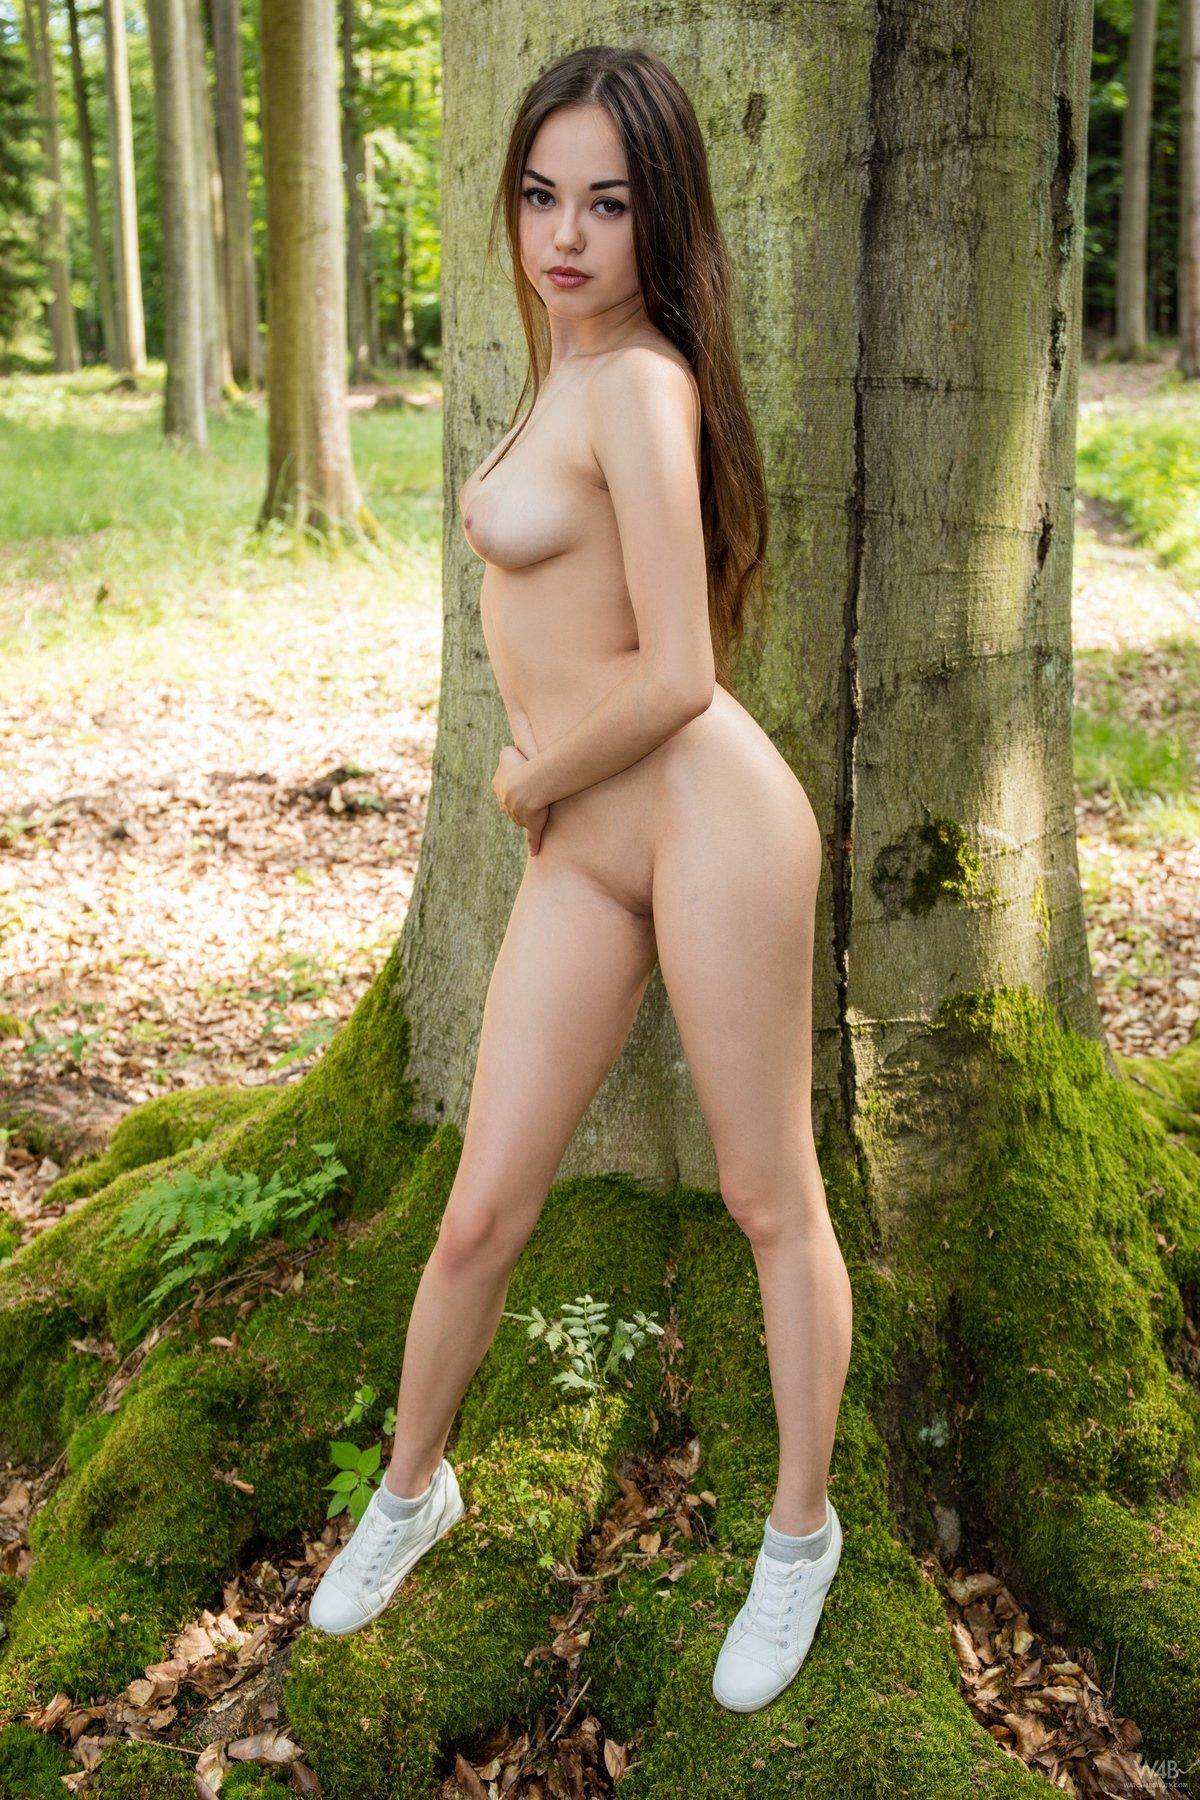 Ню модели в кружевном белье под деревом секс фото